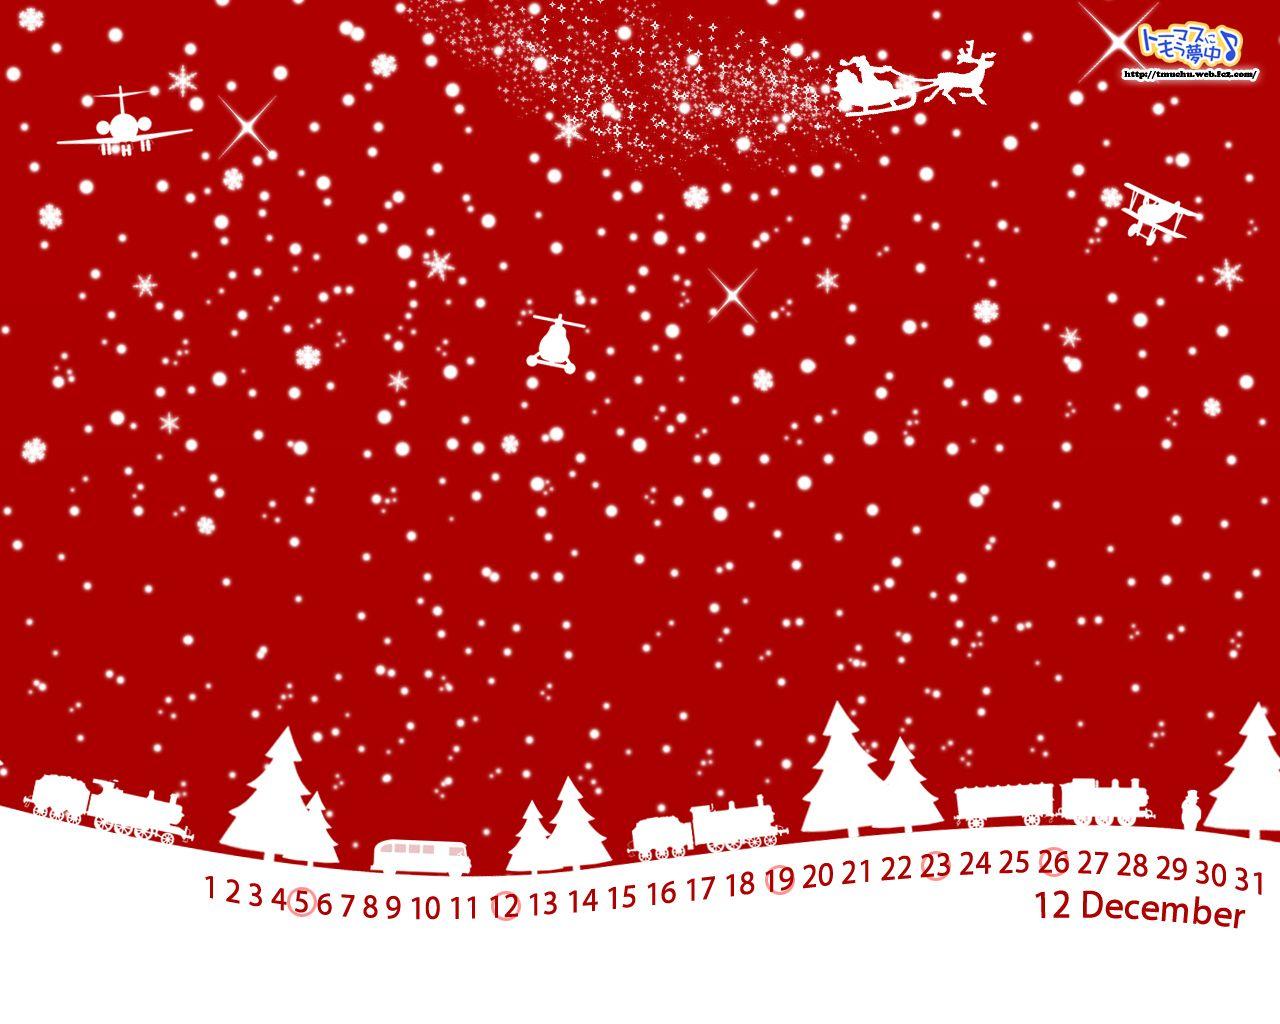 12月カレンダー壁紙 12月カレンダー 壁紙 カレンダー